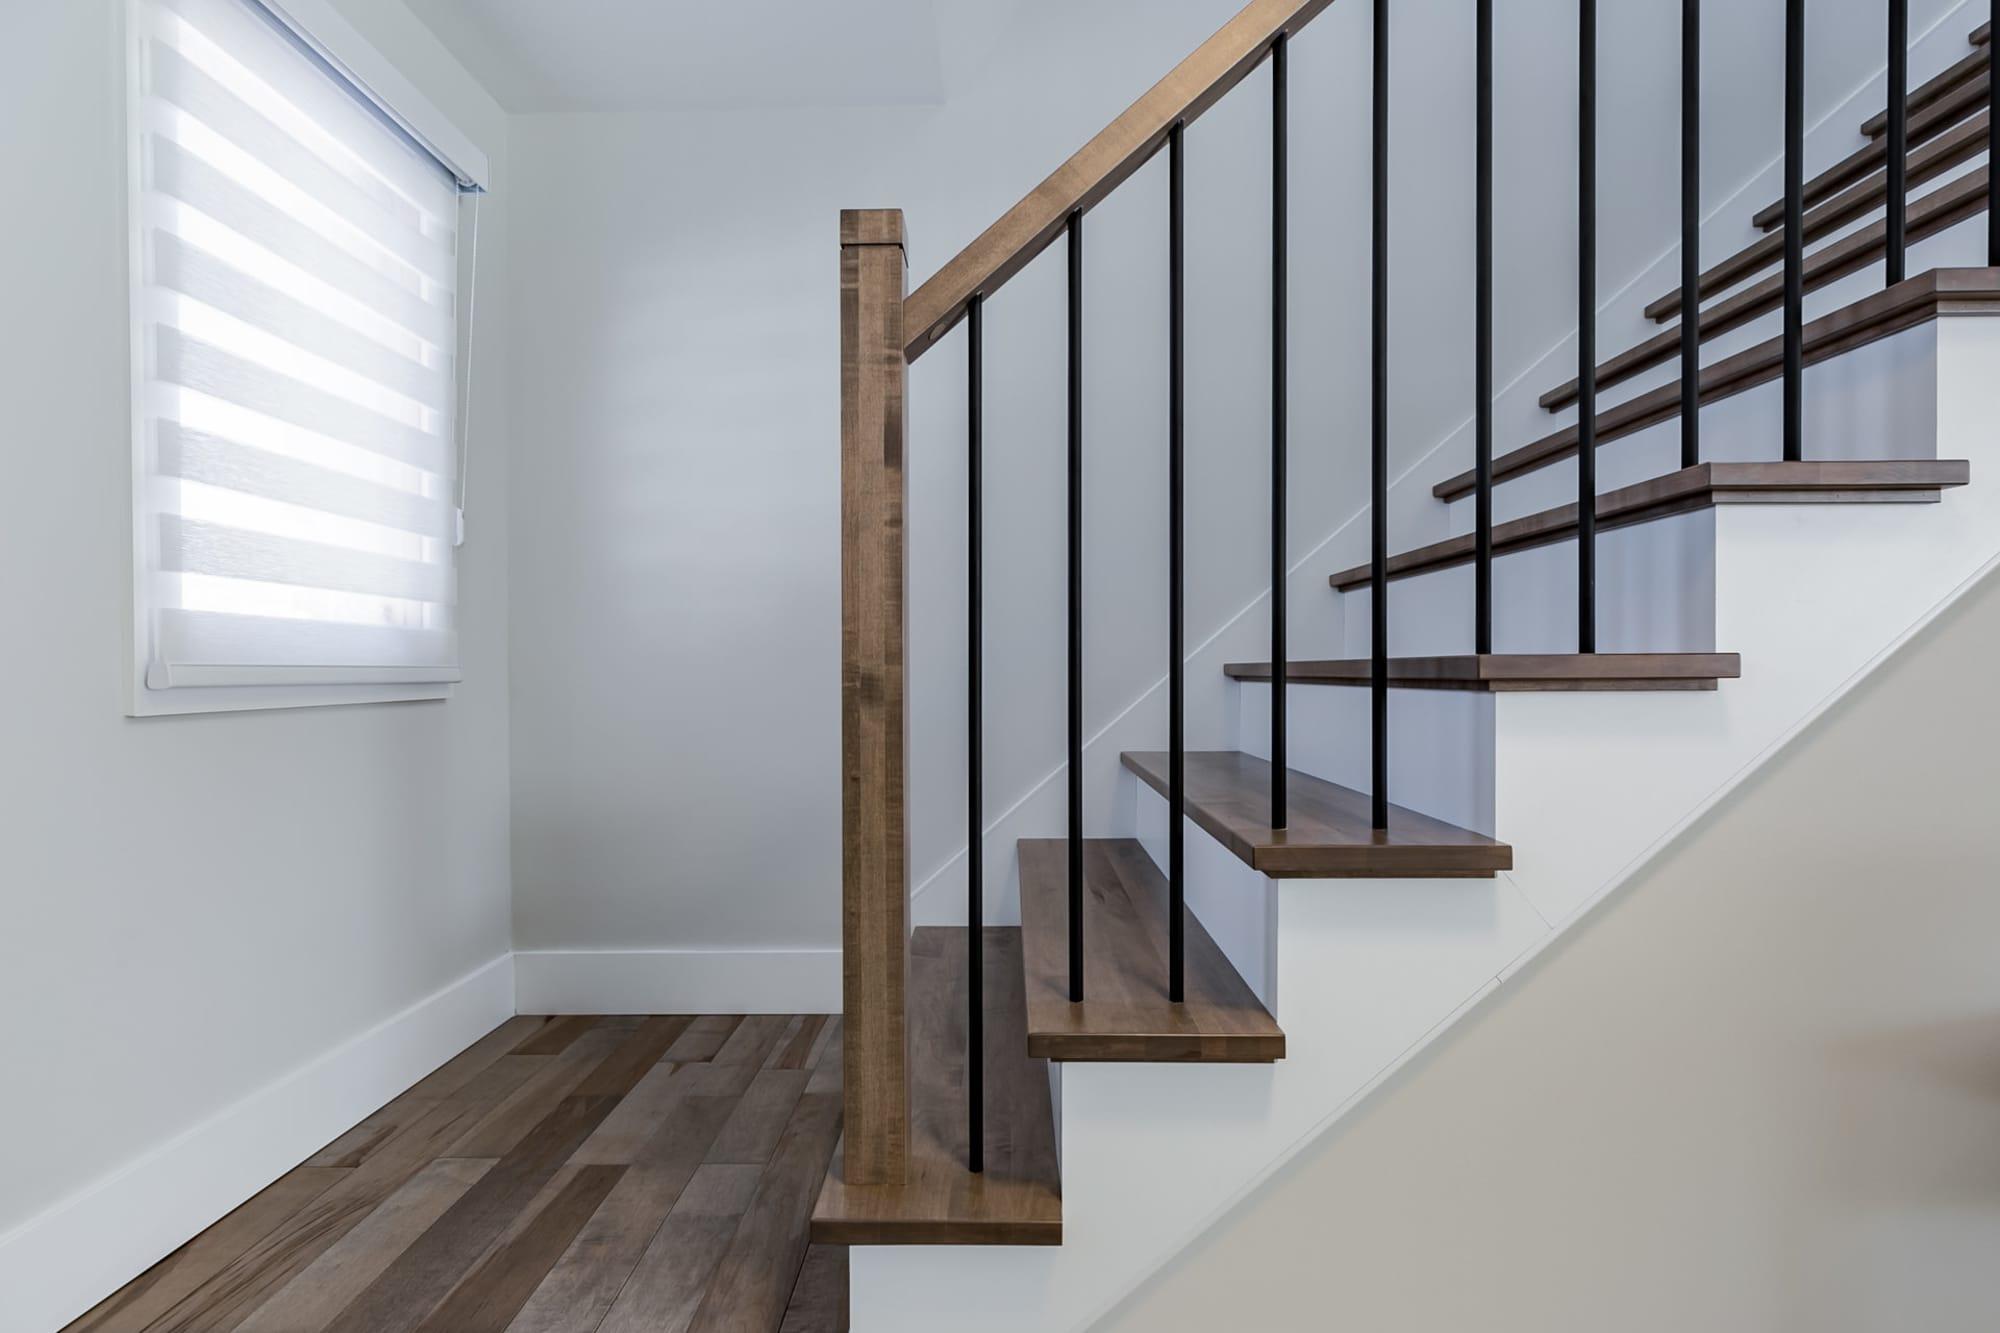 escalier interieur en bois